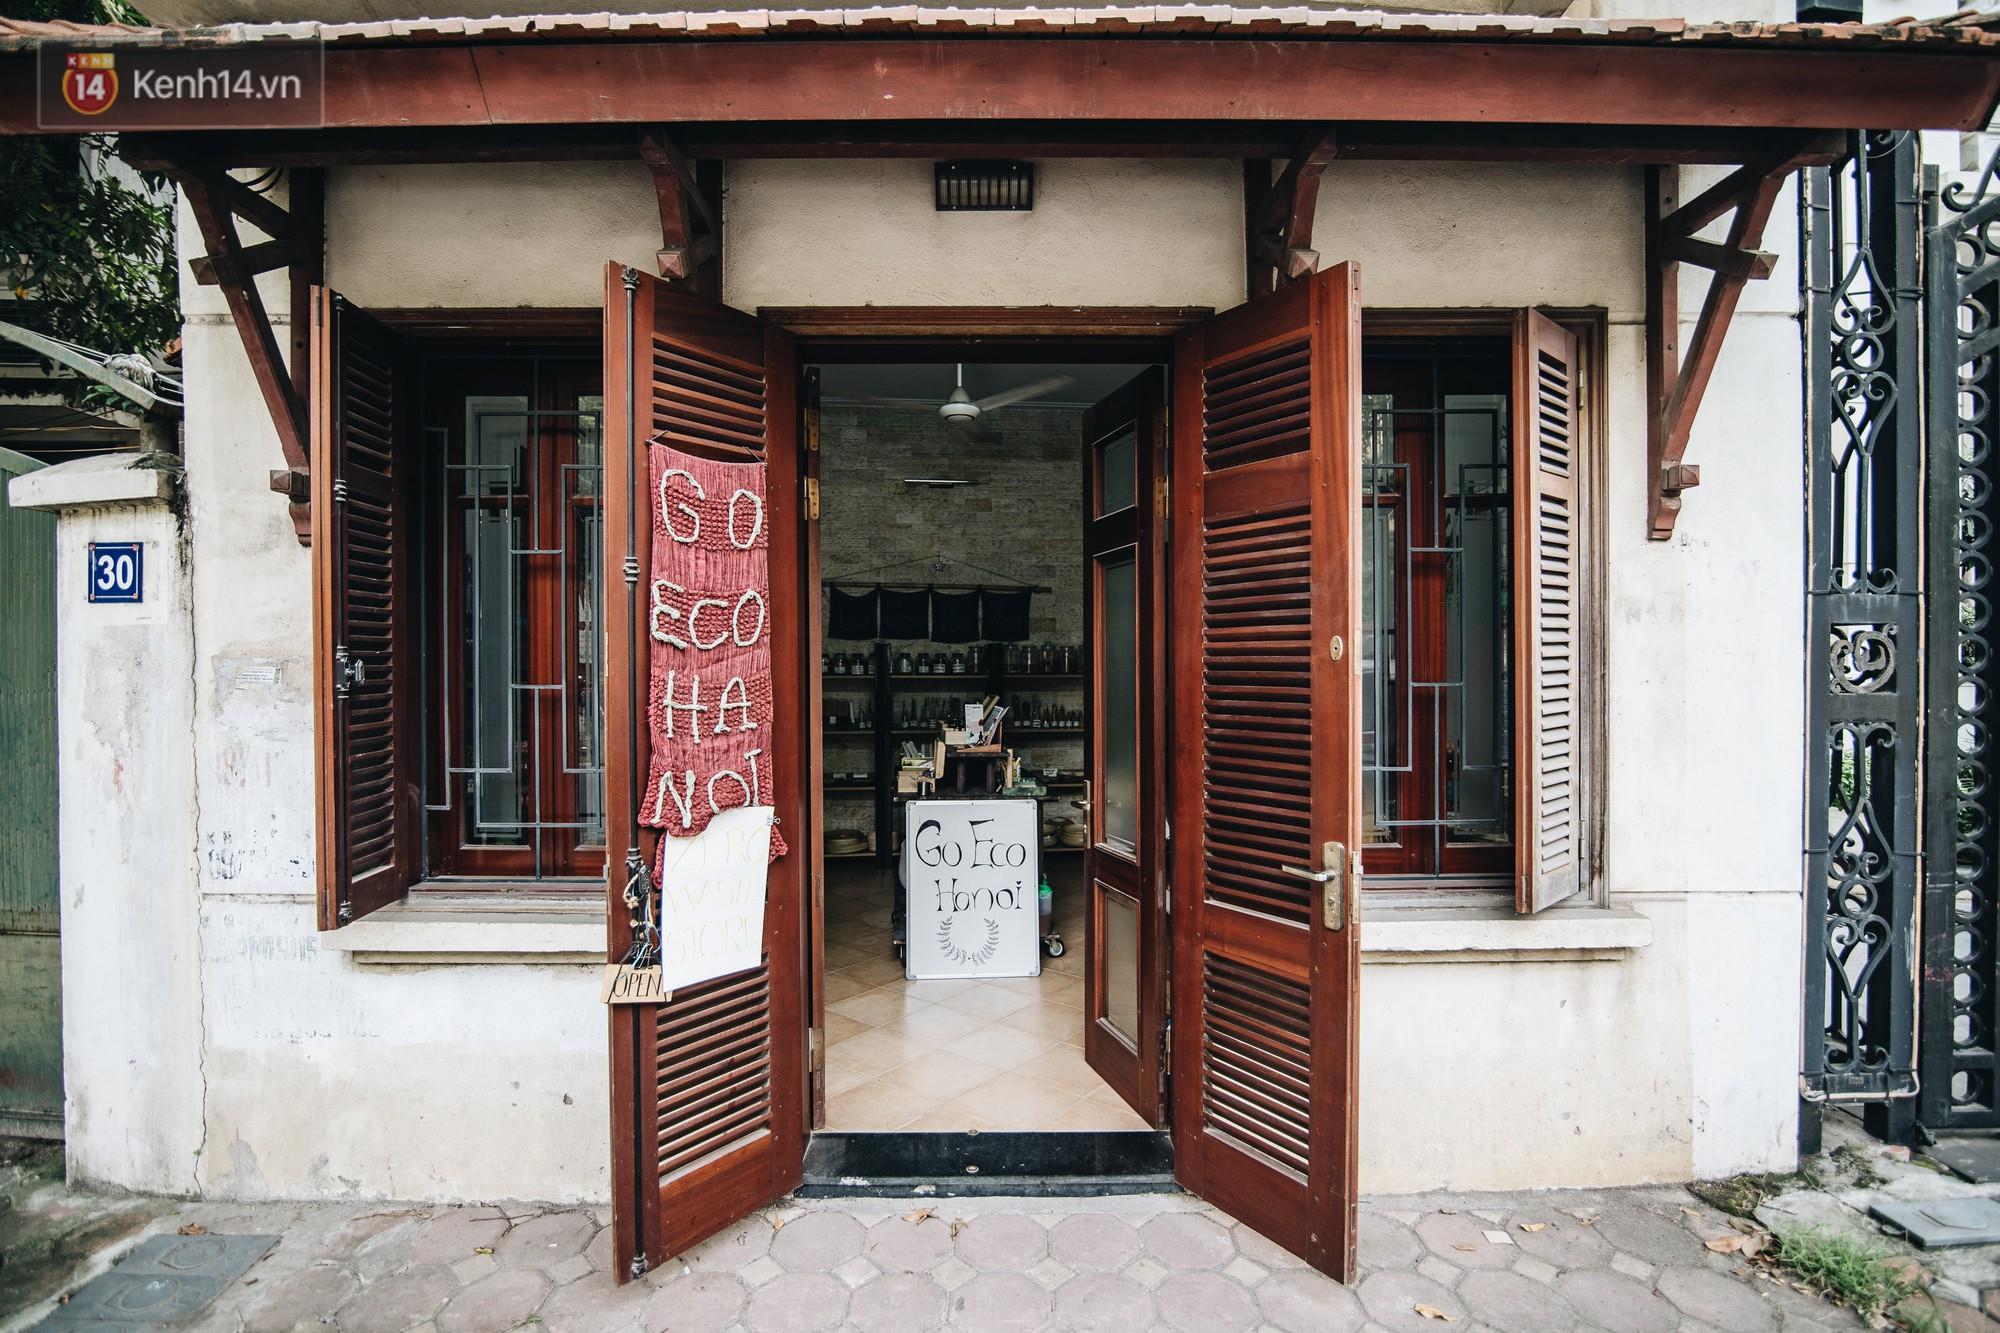 Cửa hàng zero waste đầu tiên tại Hà Nội: Ước mơ bán được tất cả các sản phẩm thiết yếu mà không cần bao bì - Ảnh 2.